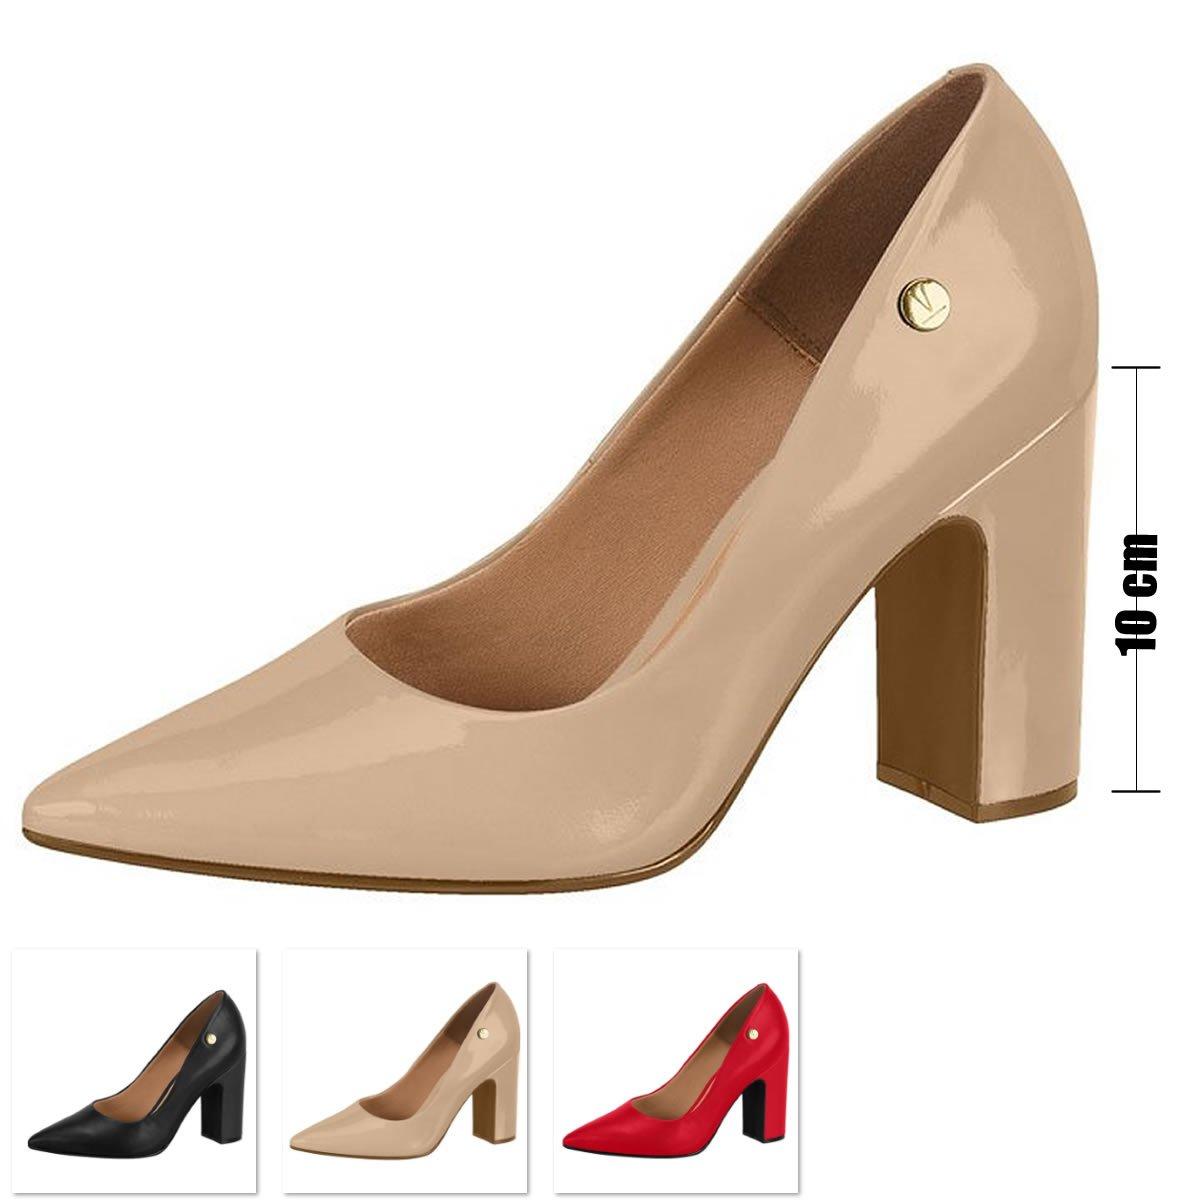 3c710988f9 Sapato Salto Grosso Vizzano Verniz